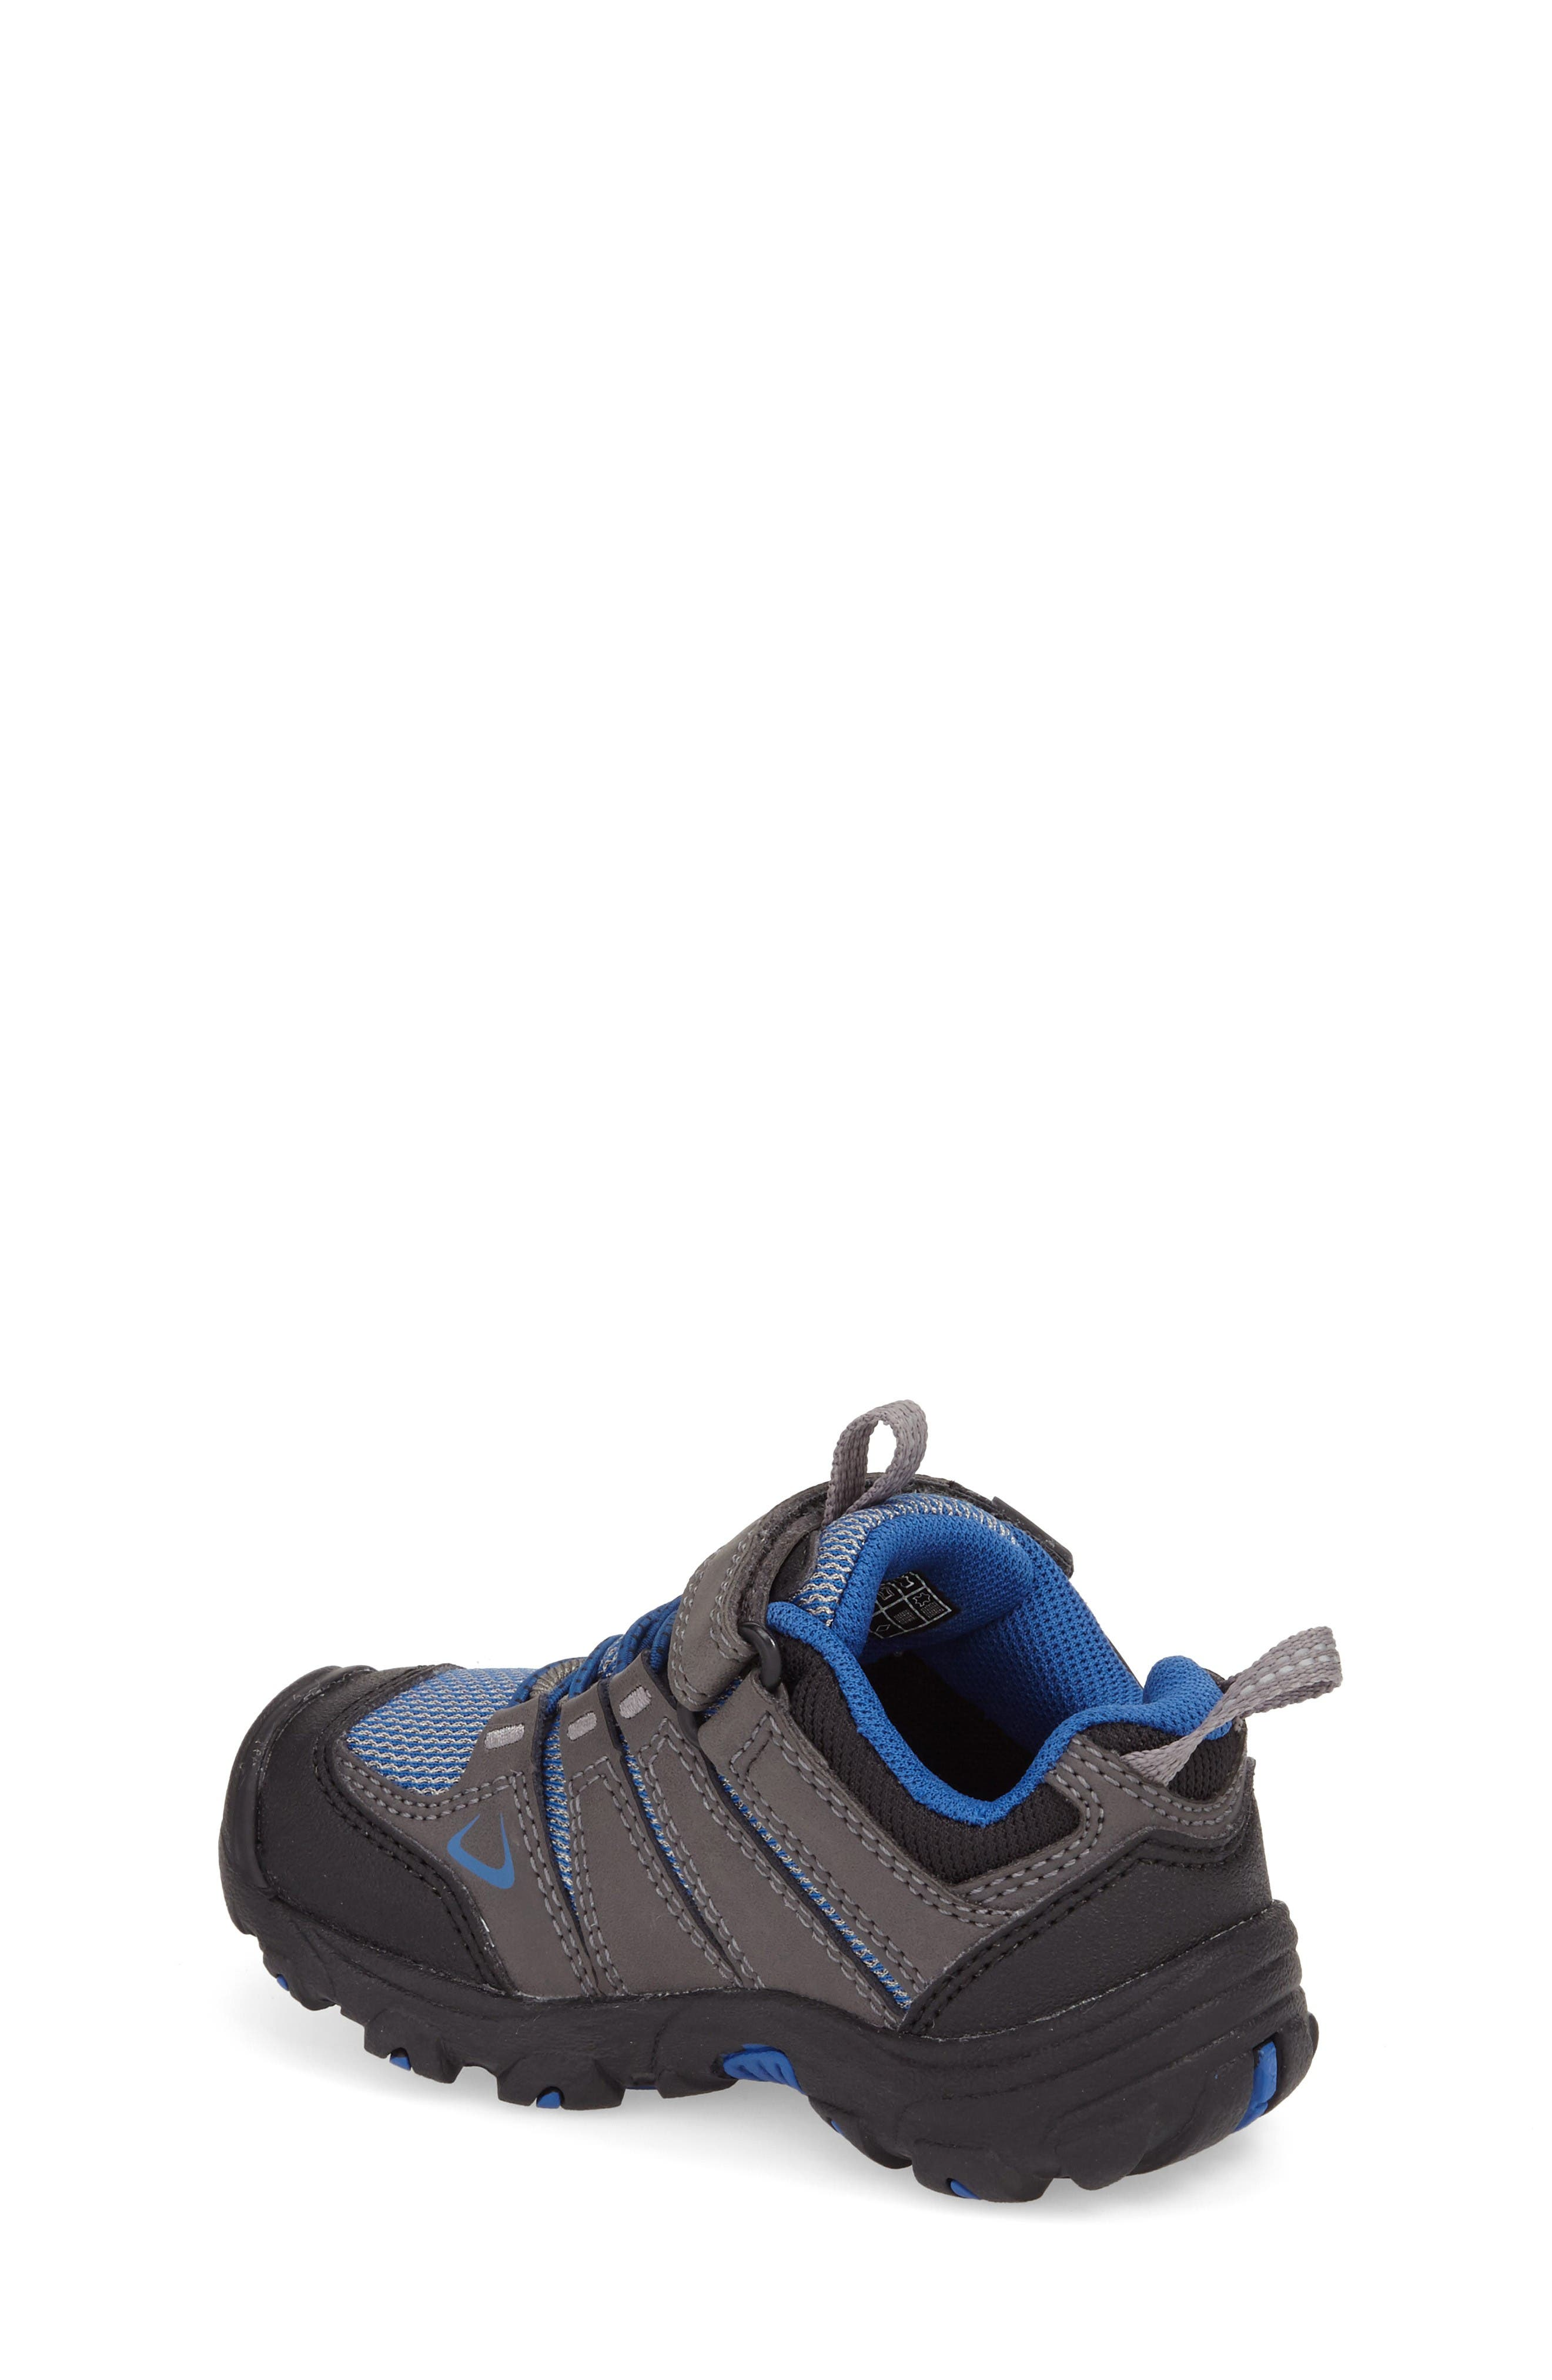 Oakridge Hiking Shoe,                             Alternate thumbnail 8, color,                             Magnet/ True Blue